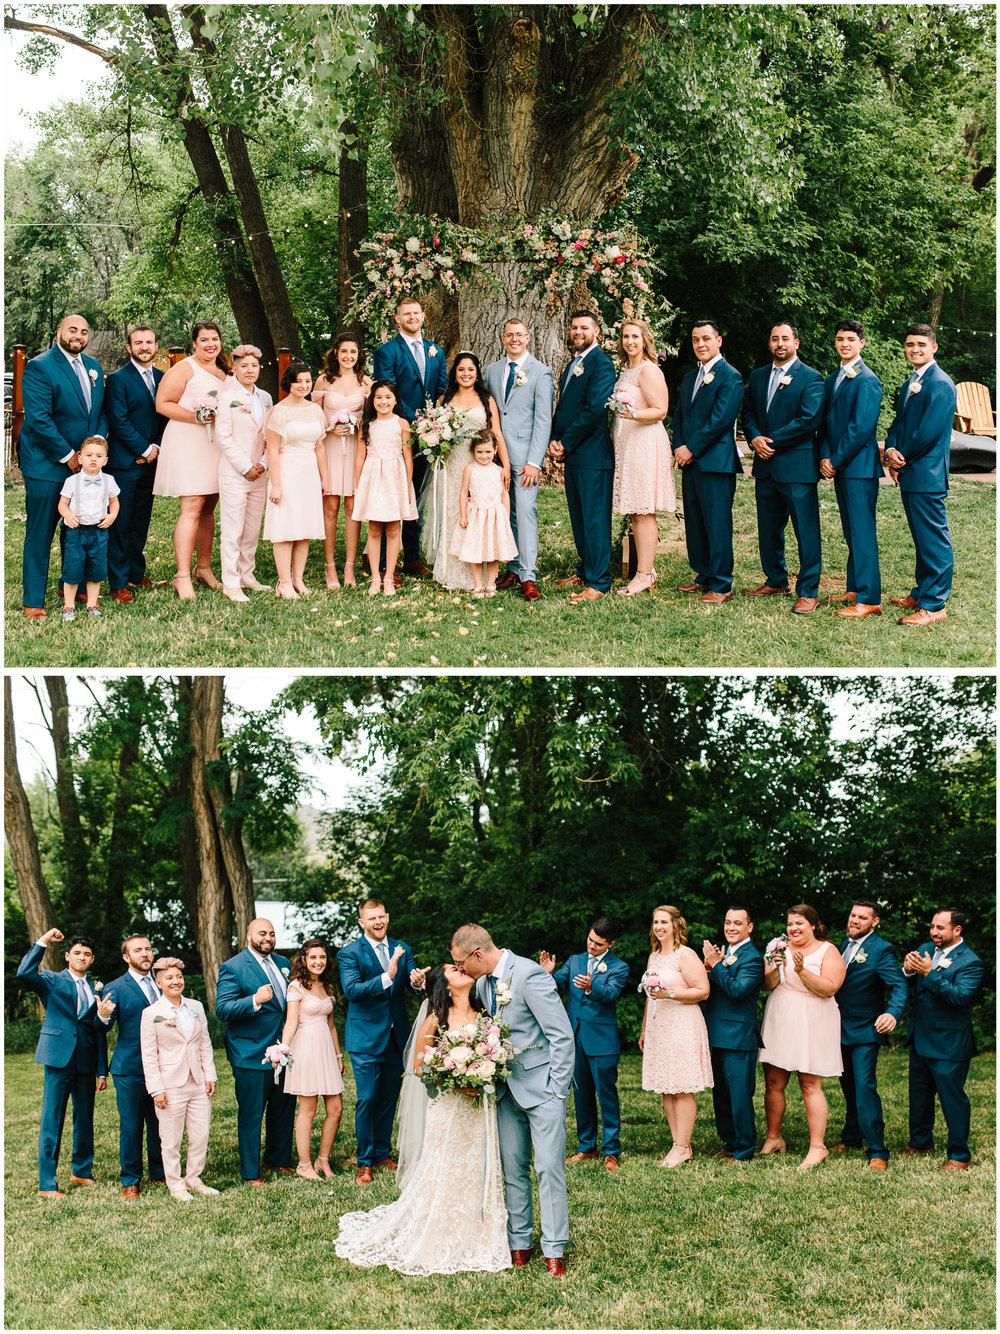 lyons_farmette_wedding_35a.jpg